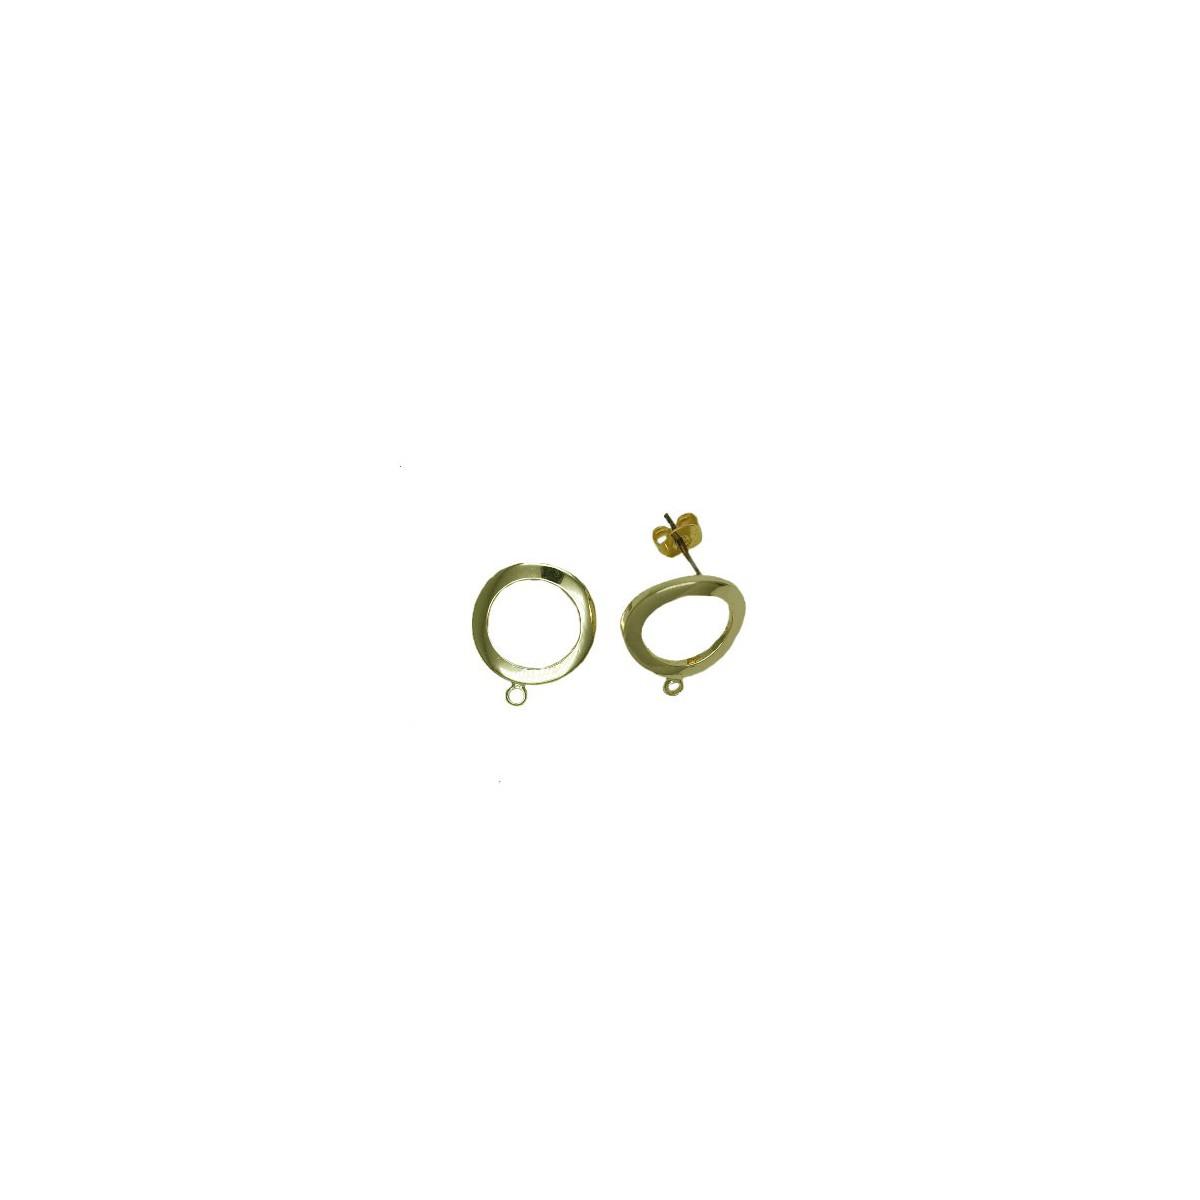 Orecchini in ottone a cerchio vuoto  - 14 mm